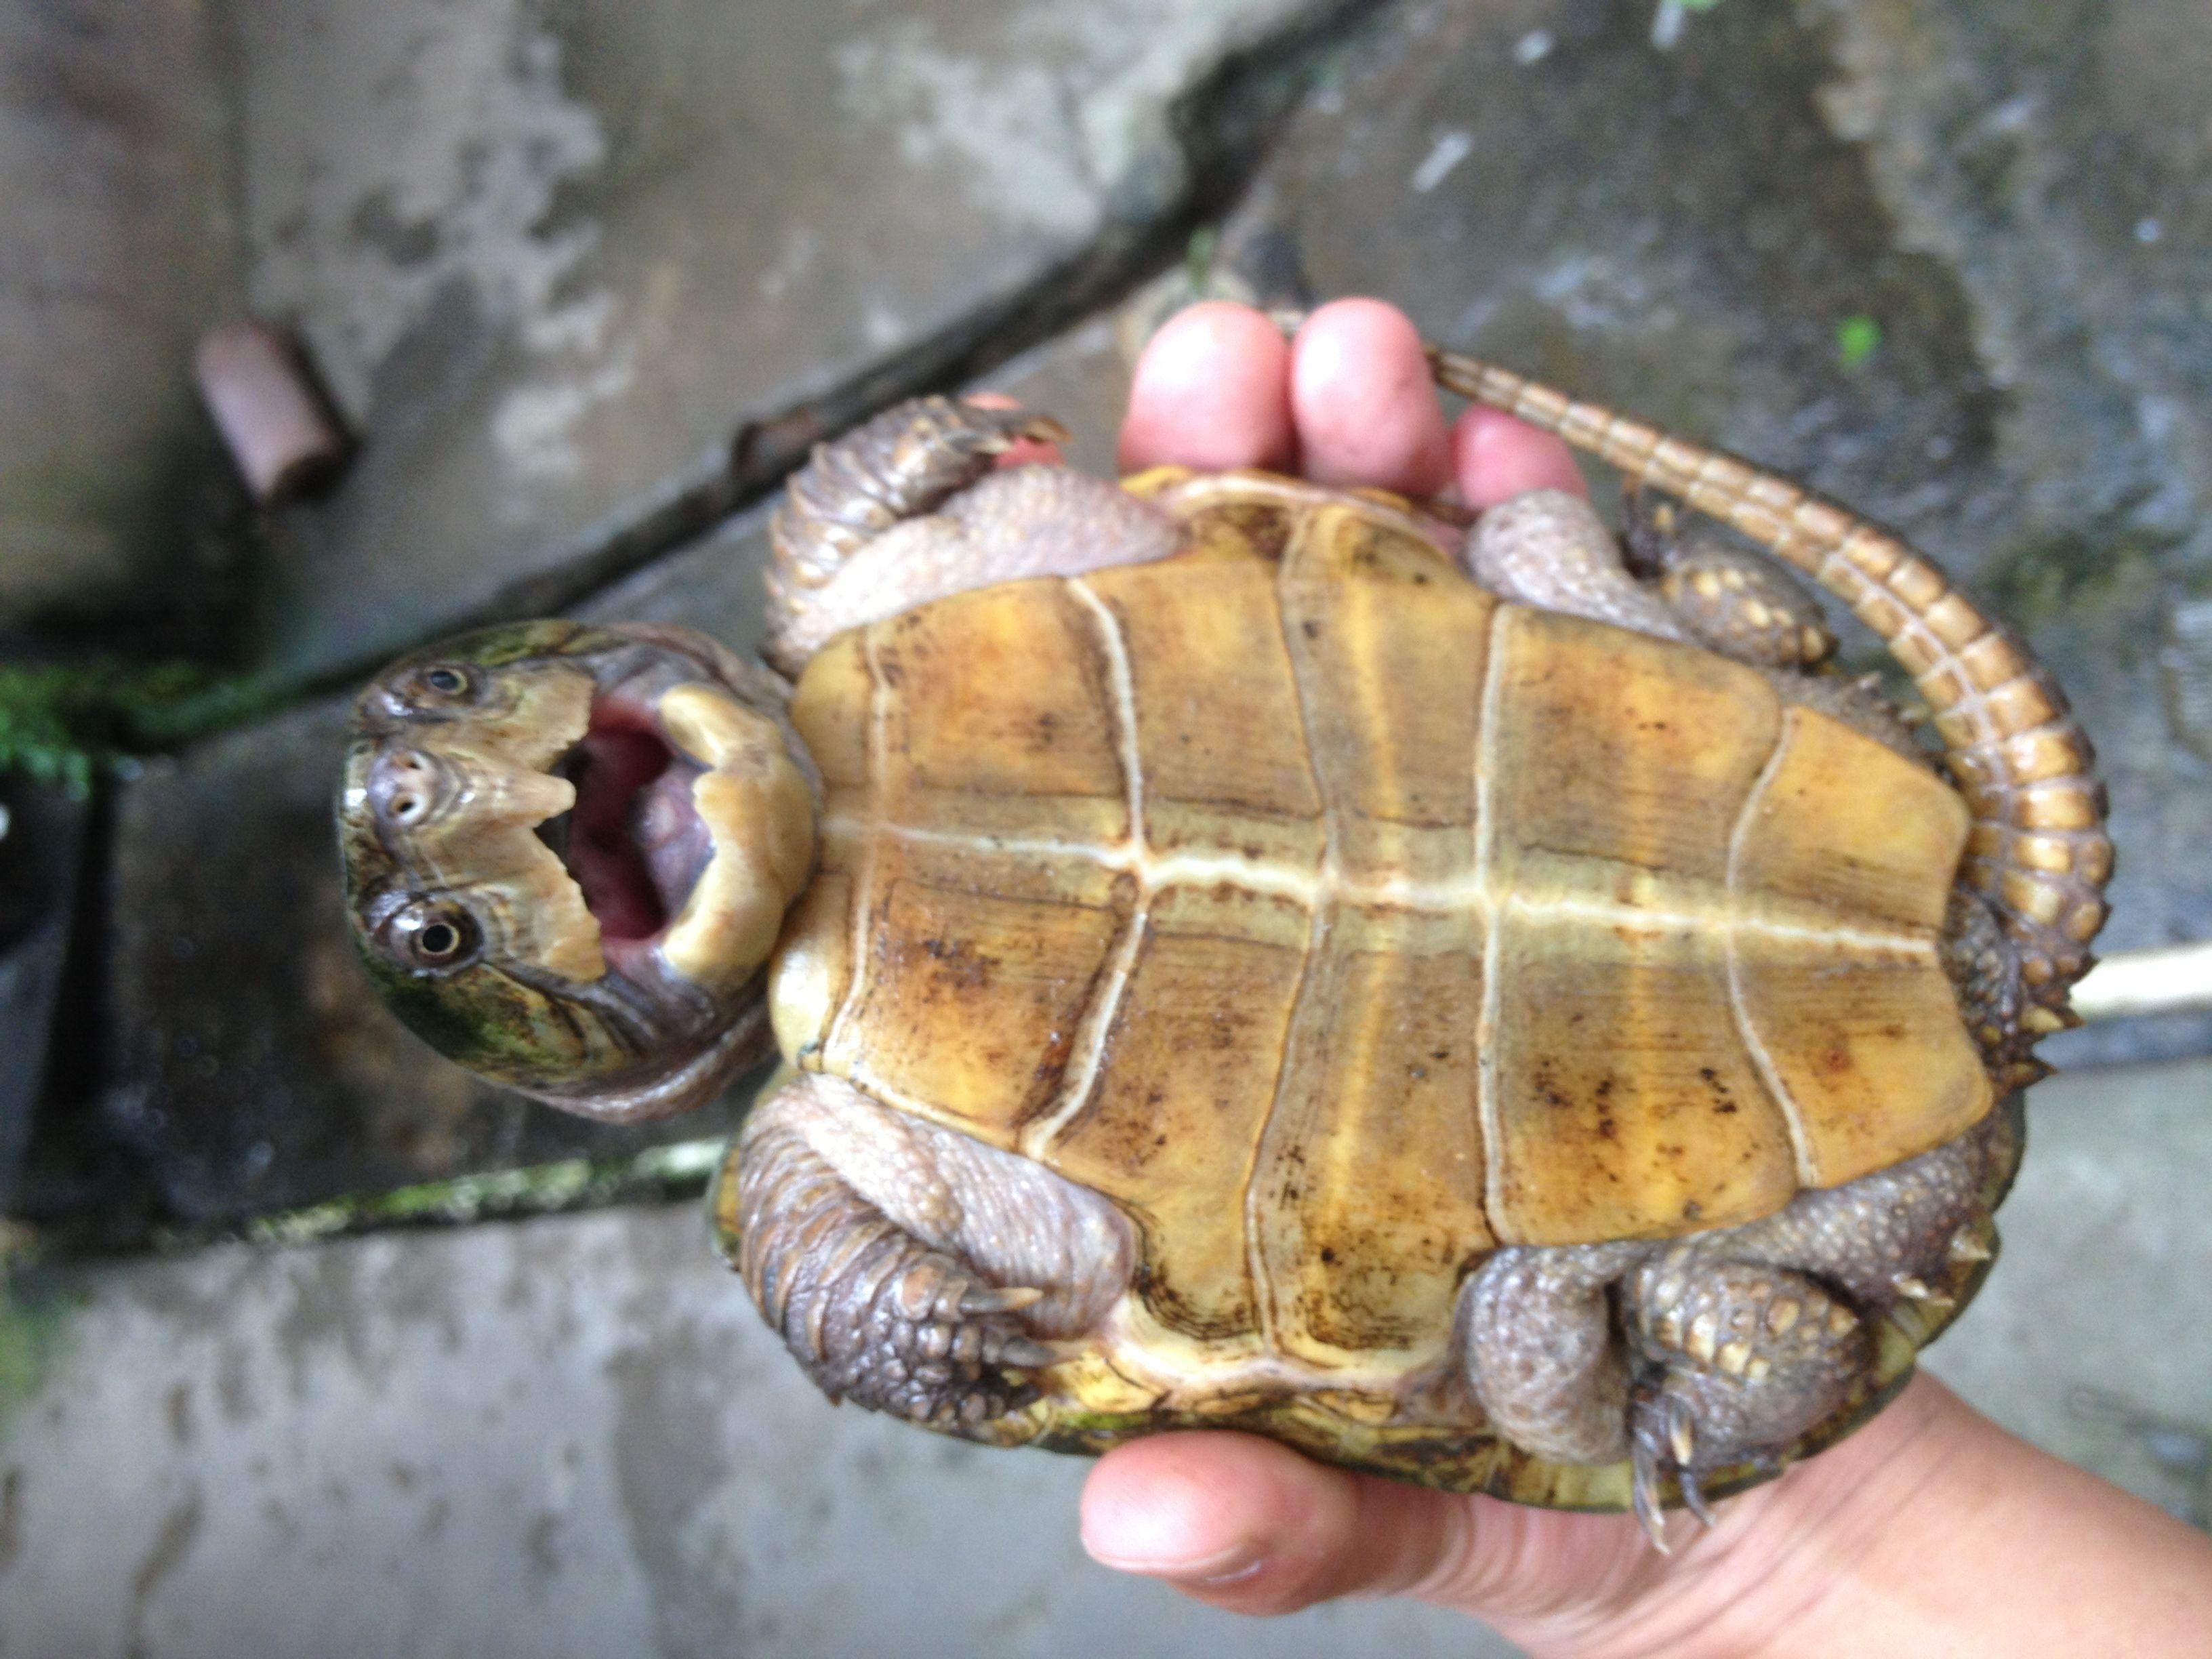 鹰嘴龟怎么过冬 鹰嘴龟冬天怎么养